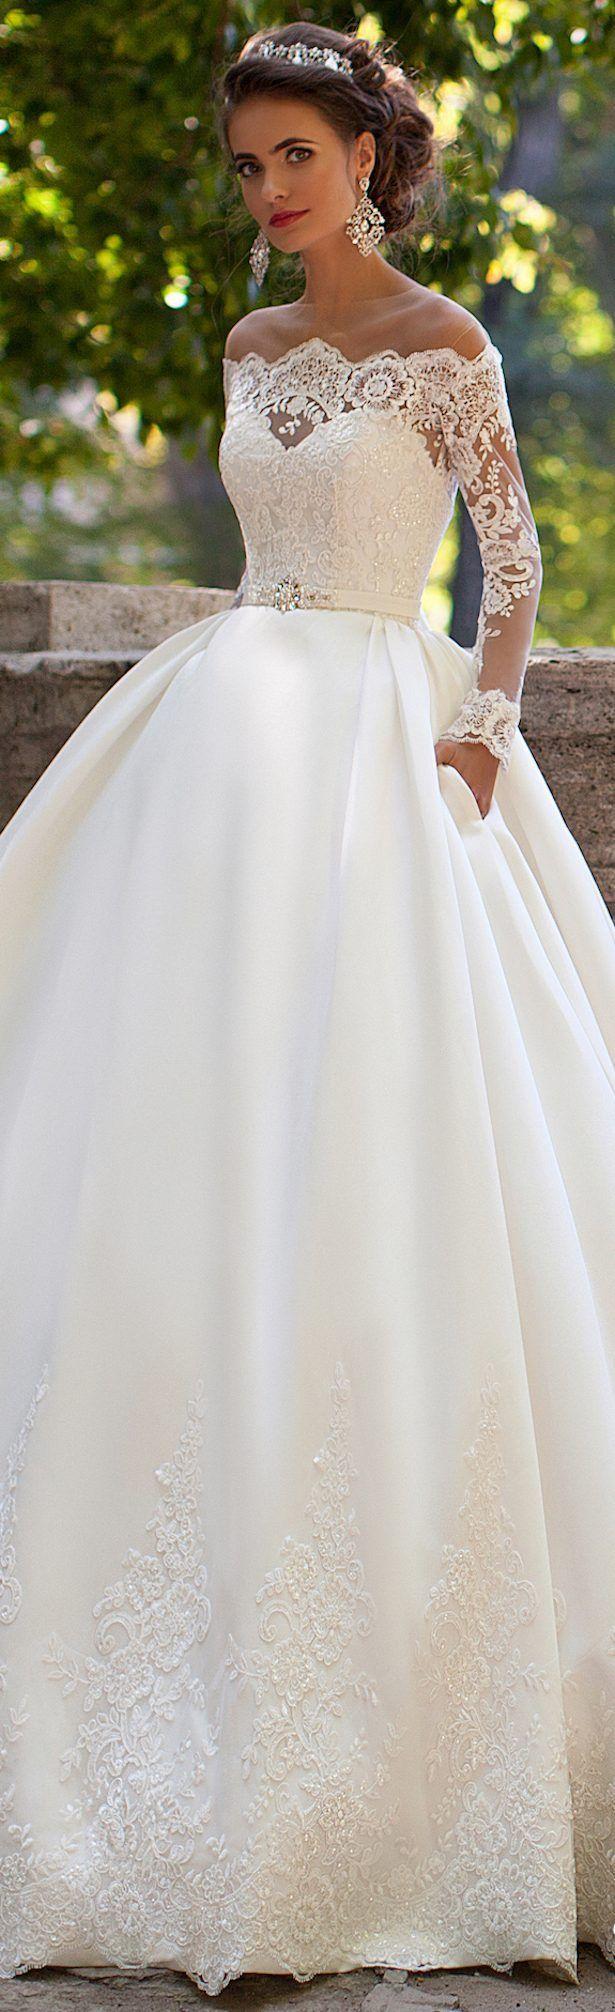 wedding dresses best wedding dress 25 Best Ideas about Wedding Dresses on Pinterest Big dresses Weeding dresses and Pretty wedding dresses